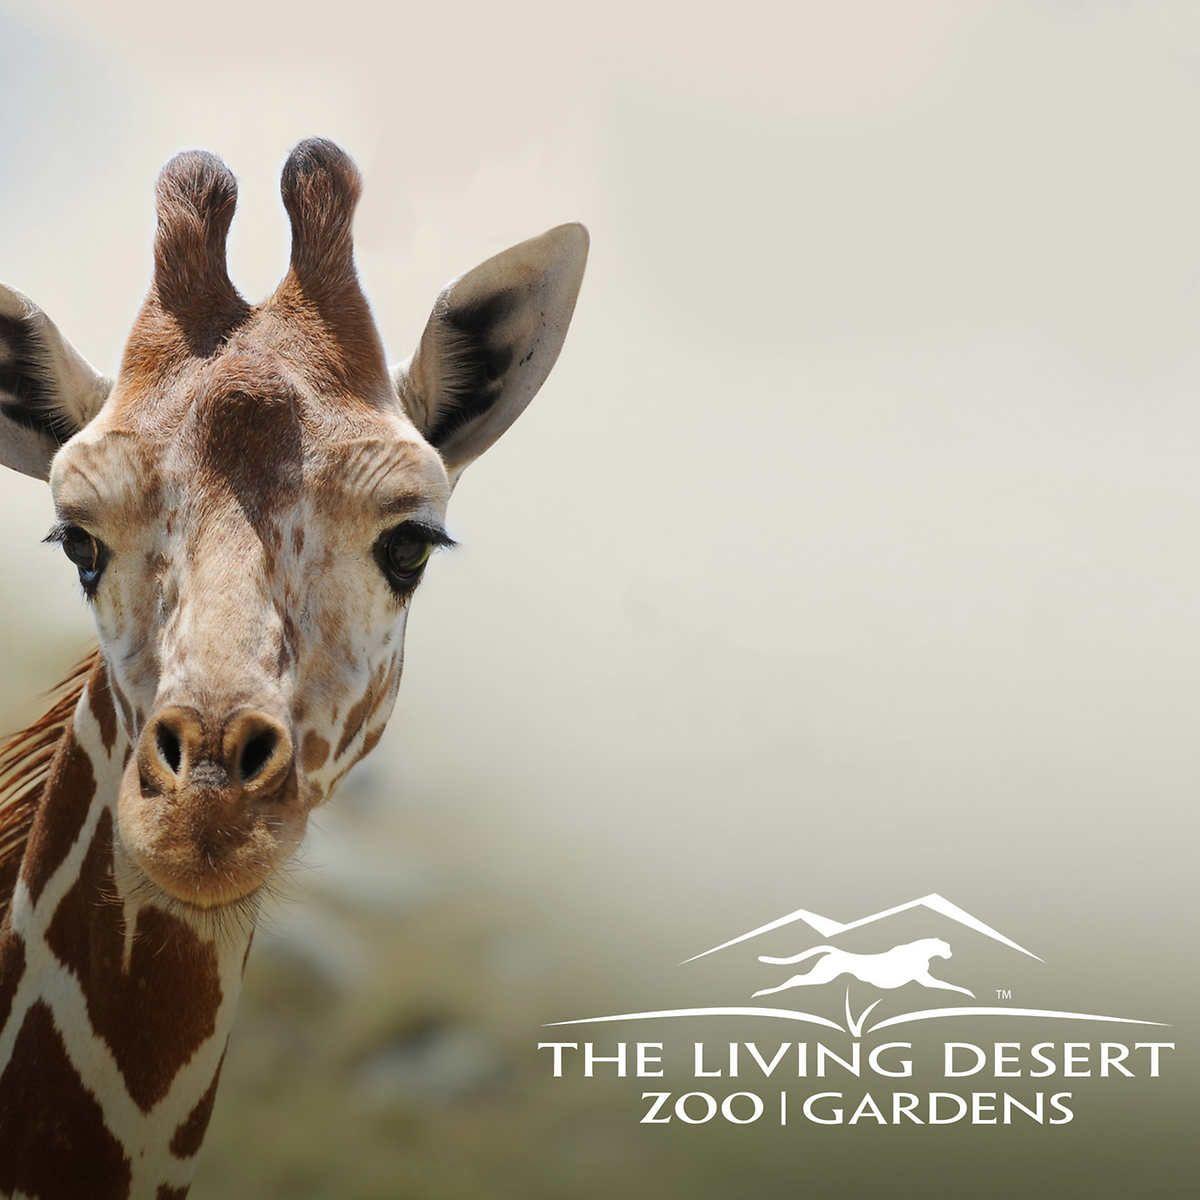 ad71c4b6289f8cf7c6dcd409121fe555 - The Living Desert Zoo And Gardens Tickets